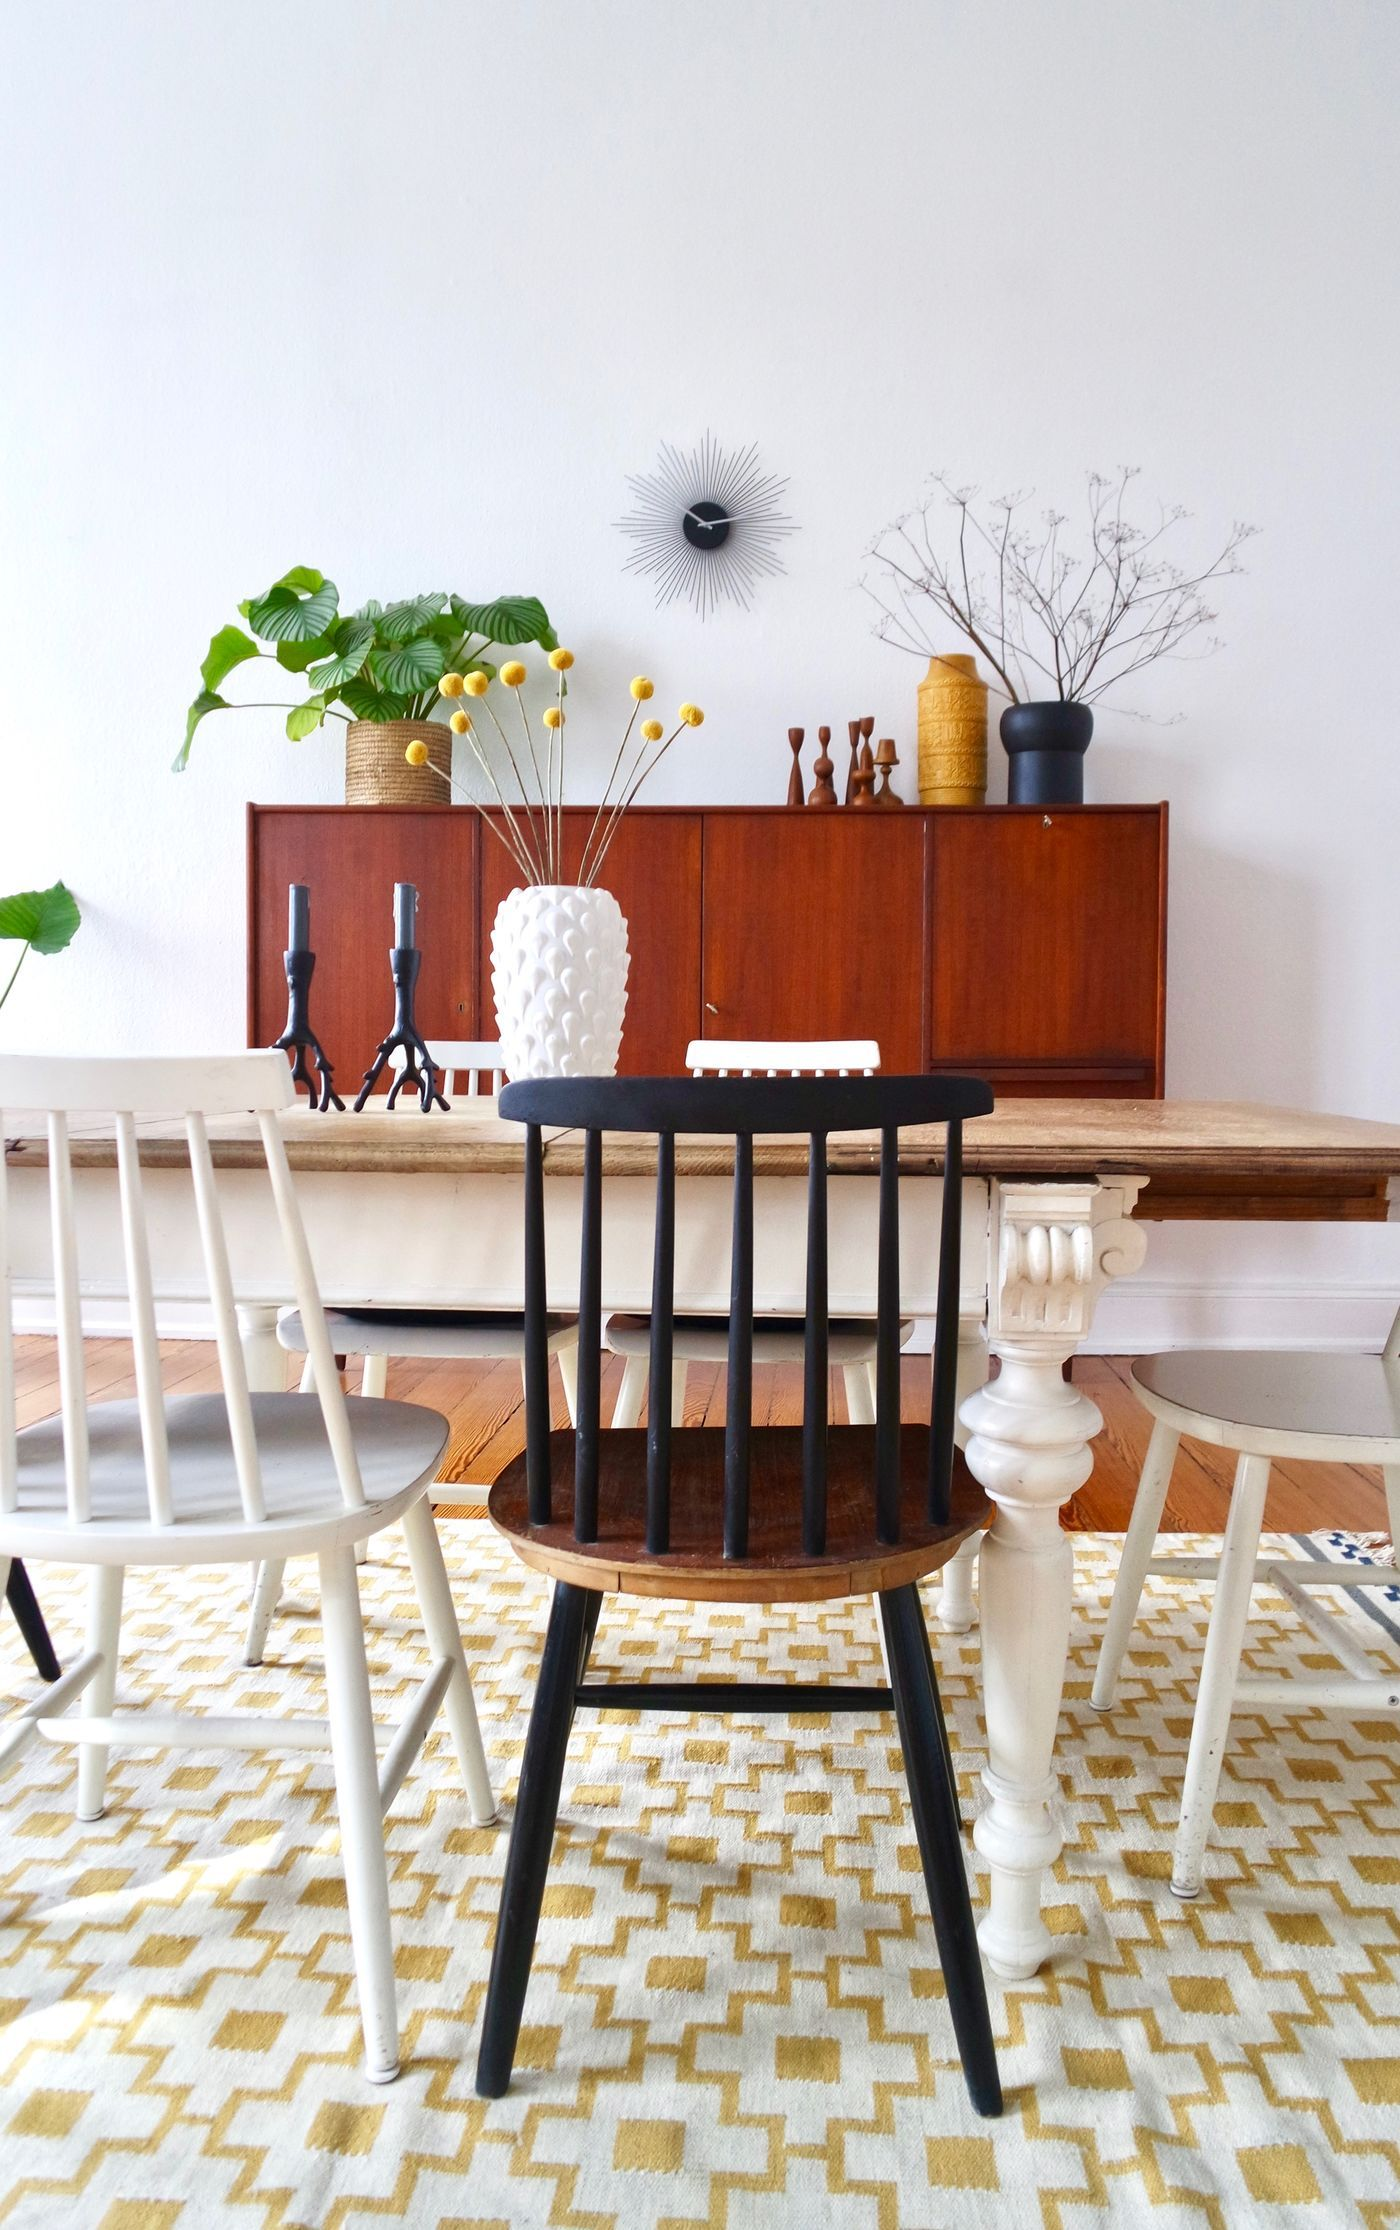 dänisches design & wohnstil